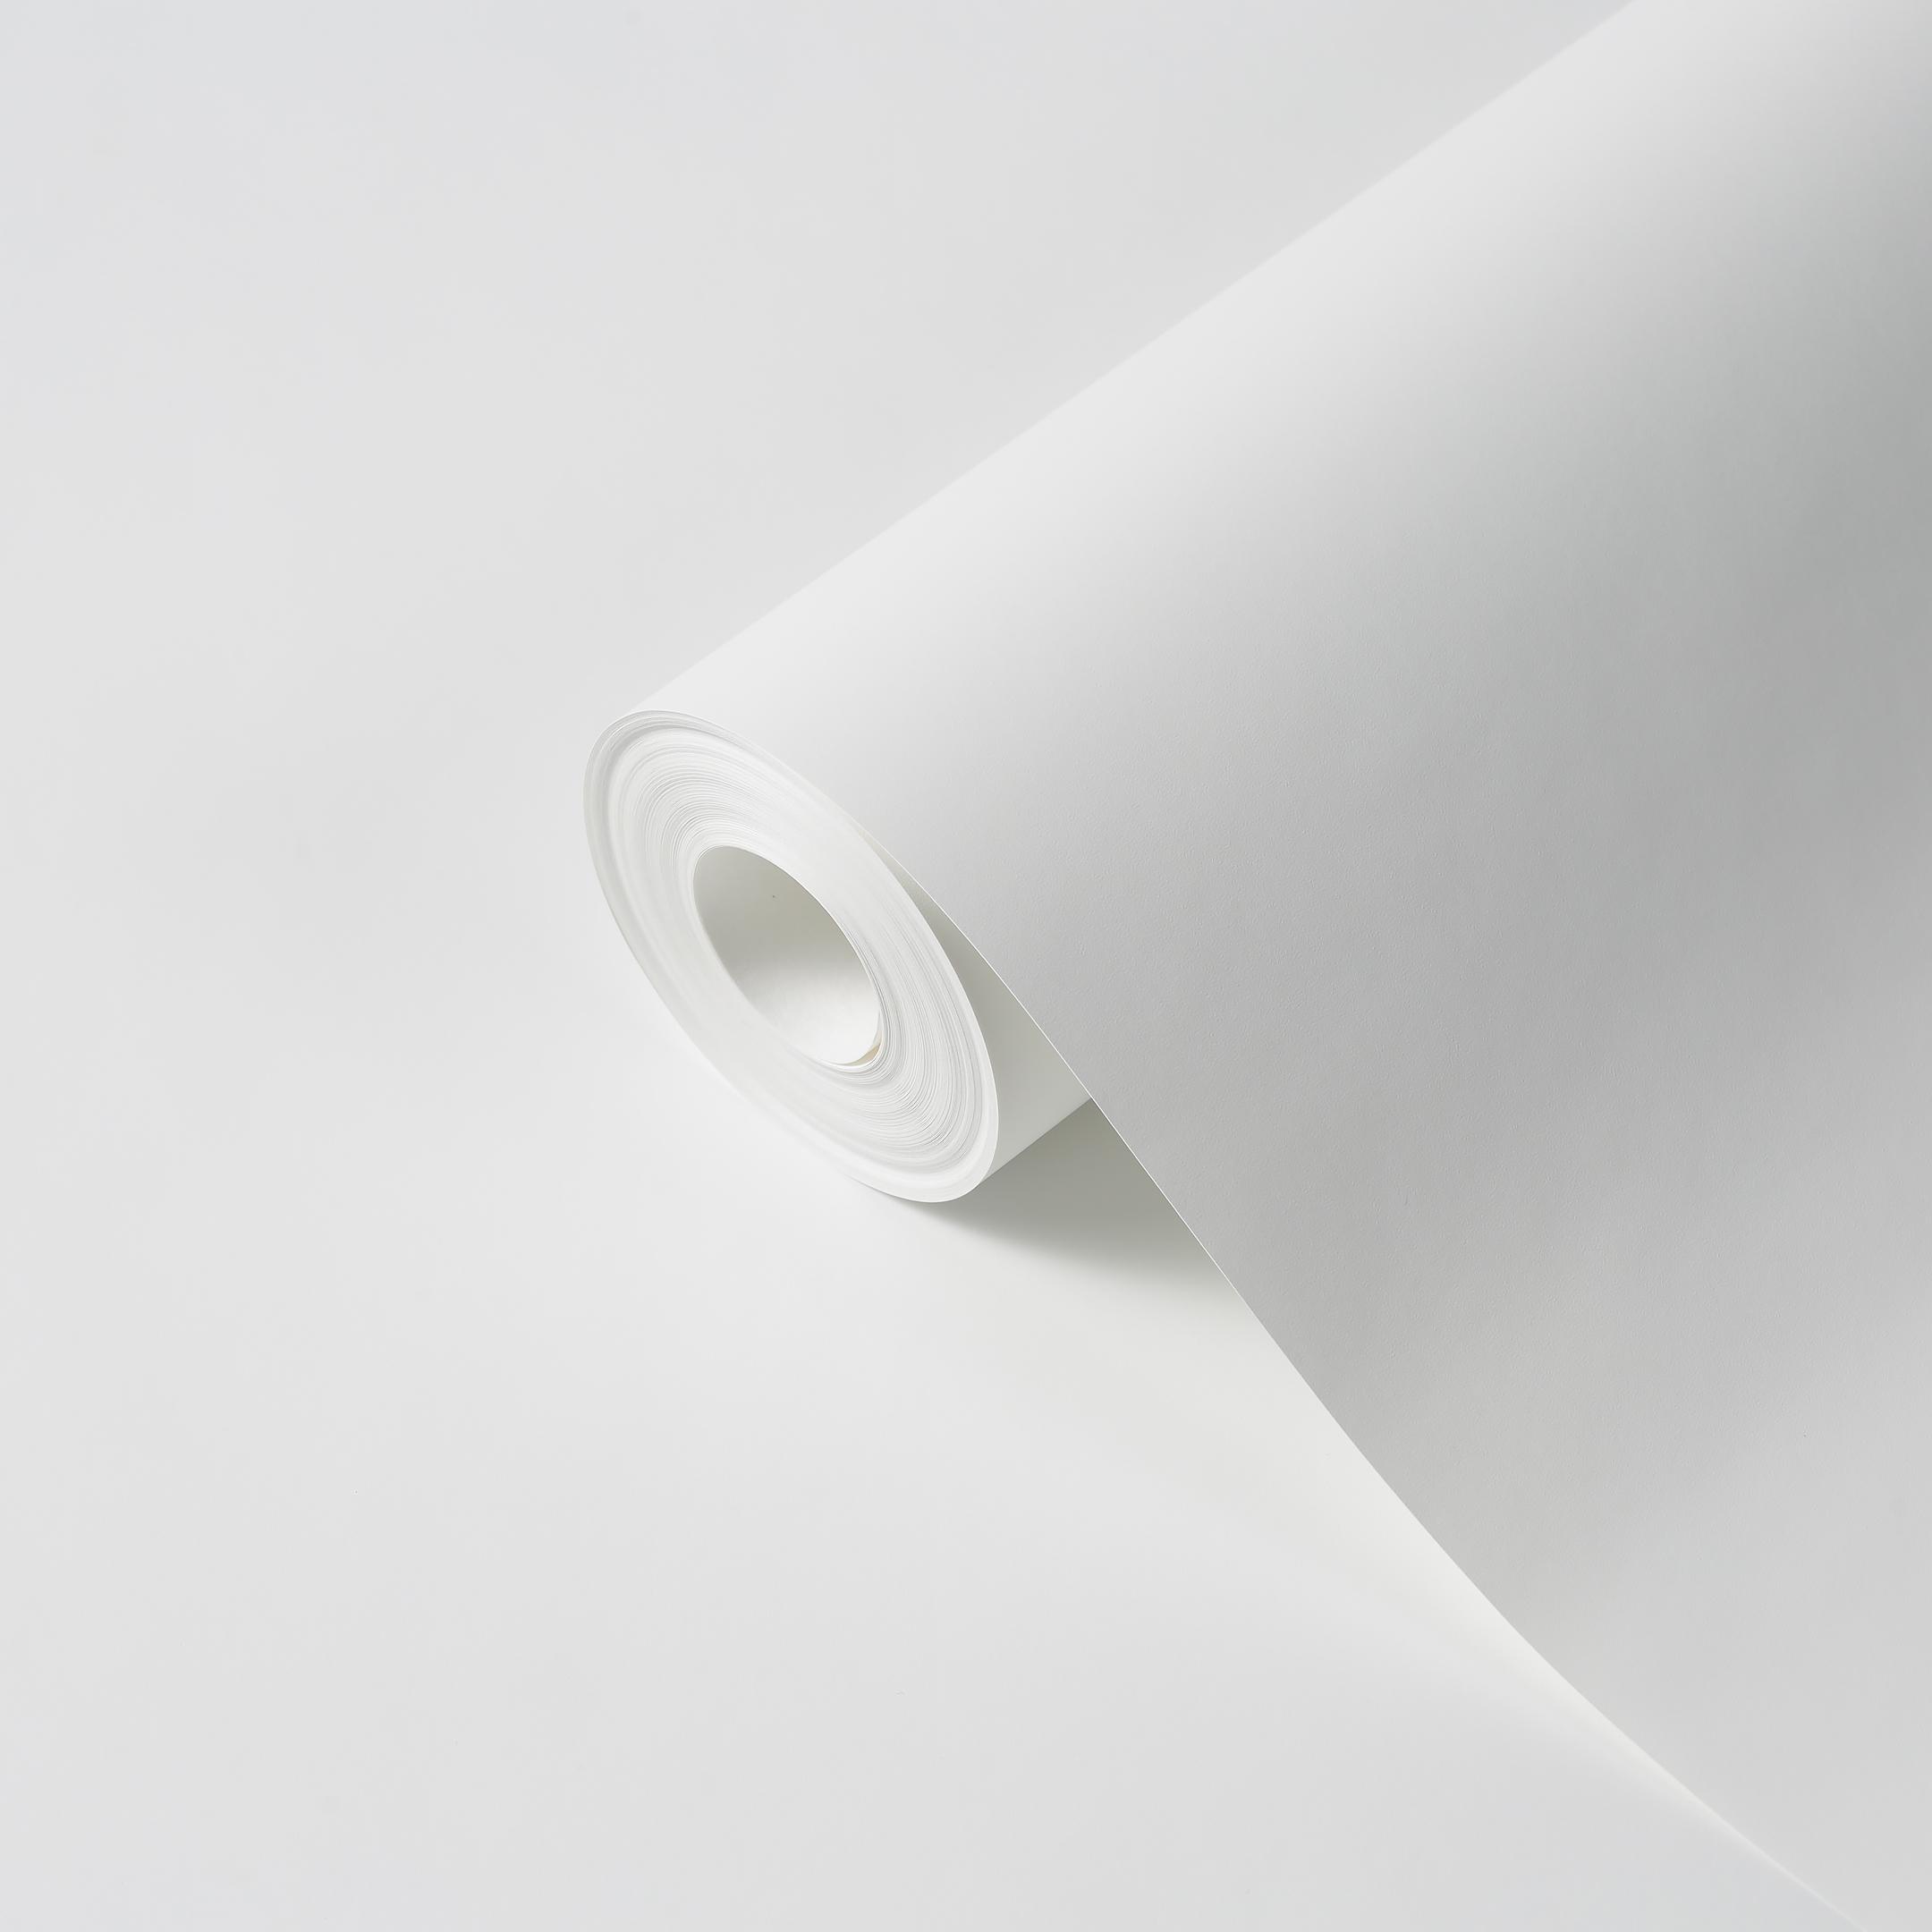 Обои под покраску флизелиновые гладкие Marburg Patent Vlies 9797 (1,06х25 м) плотность 200 г/кв.м